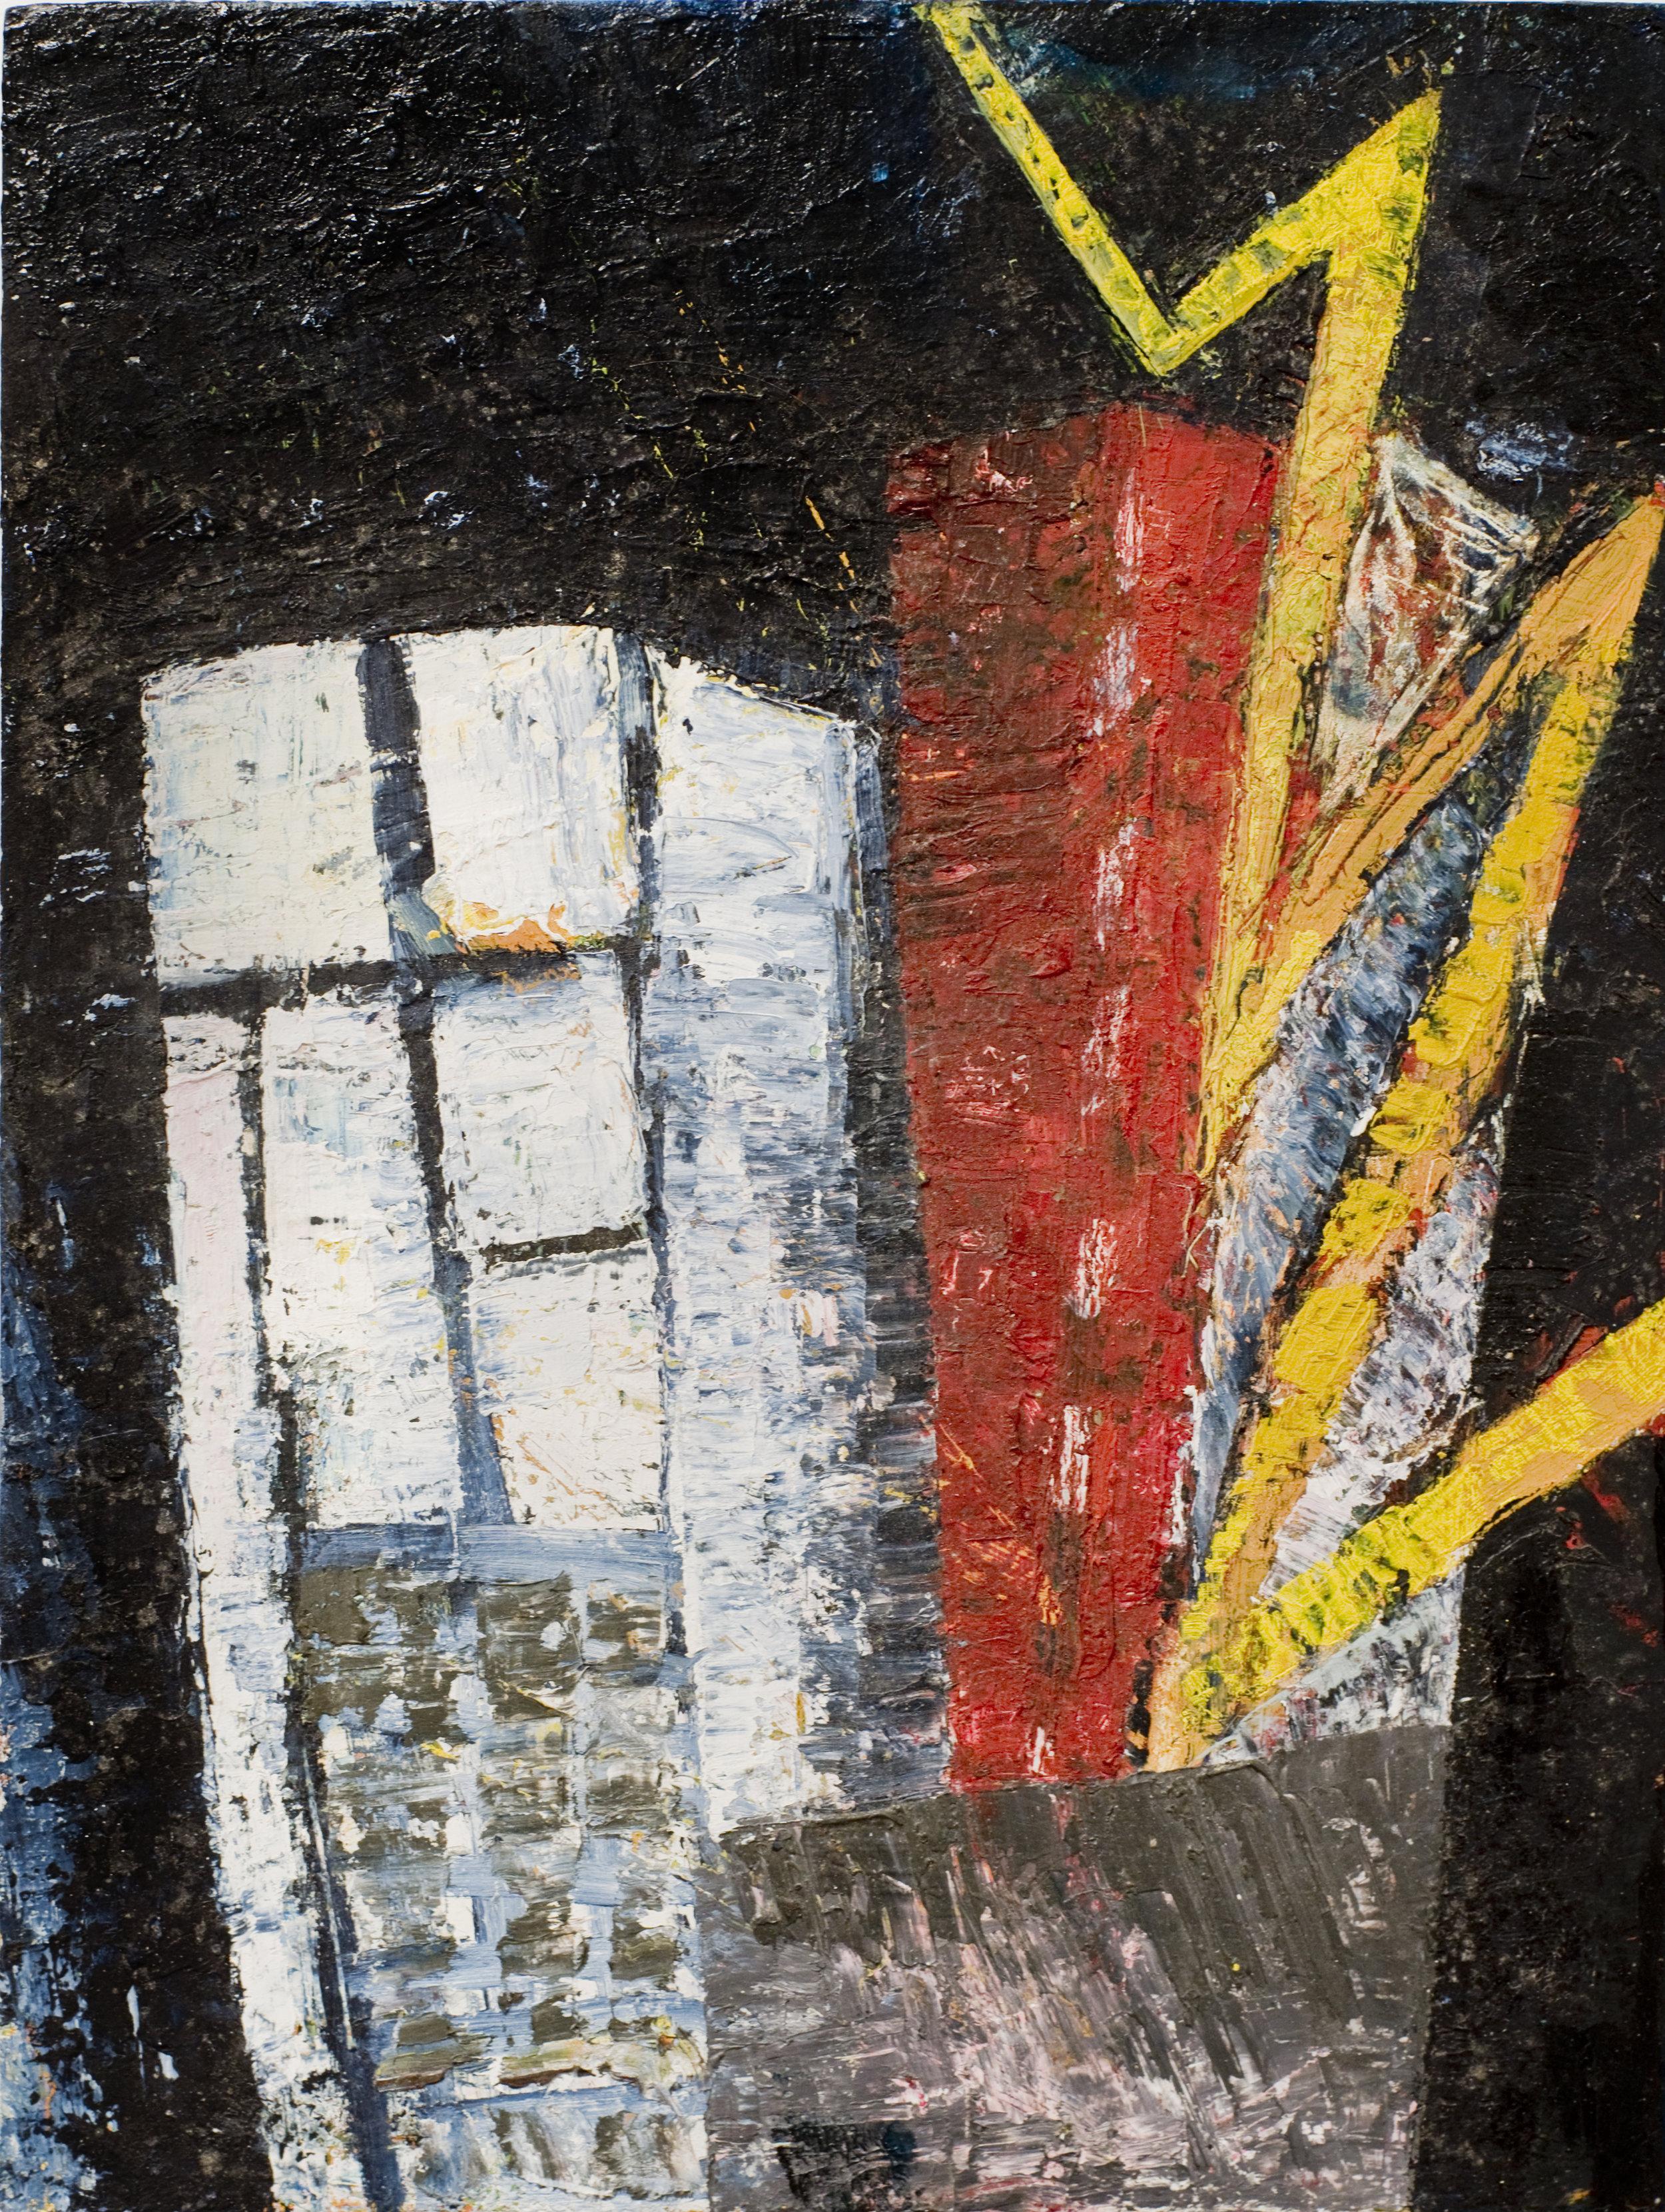 Jenny Snider,  Popcorn Town,  1990, oil on masonite, 12h x 9w in.